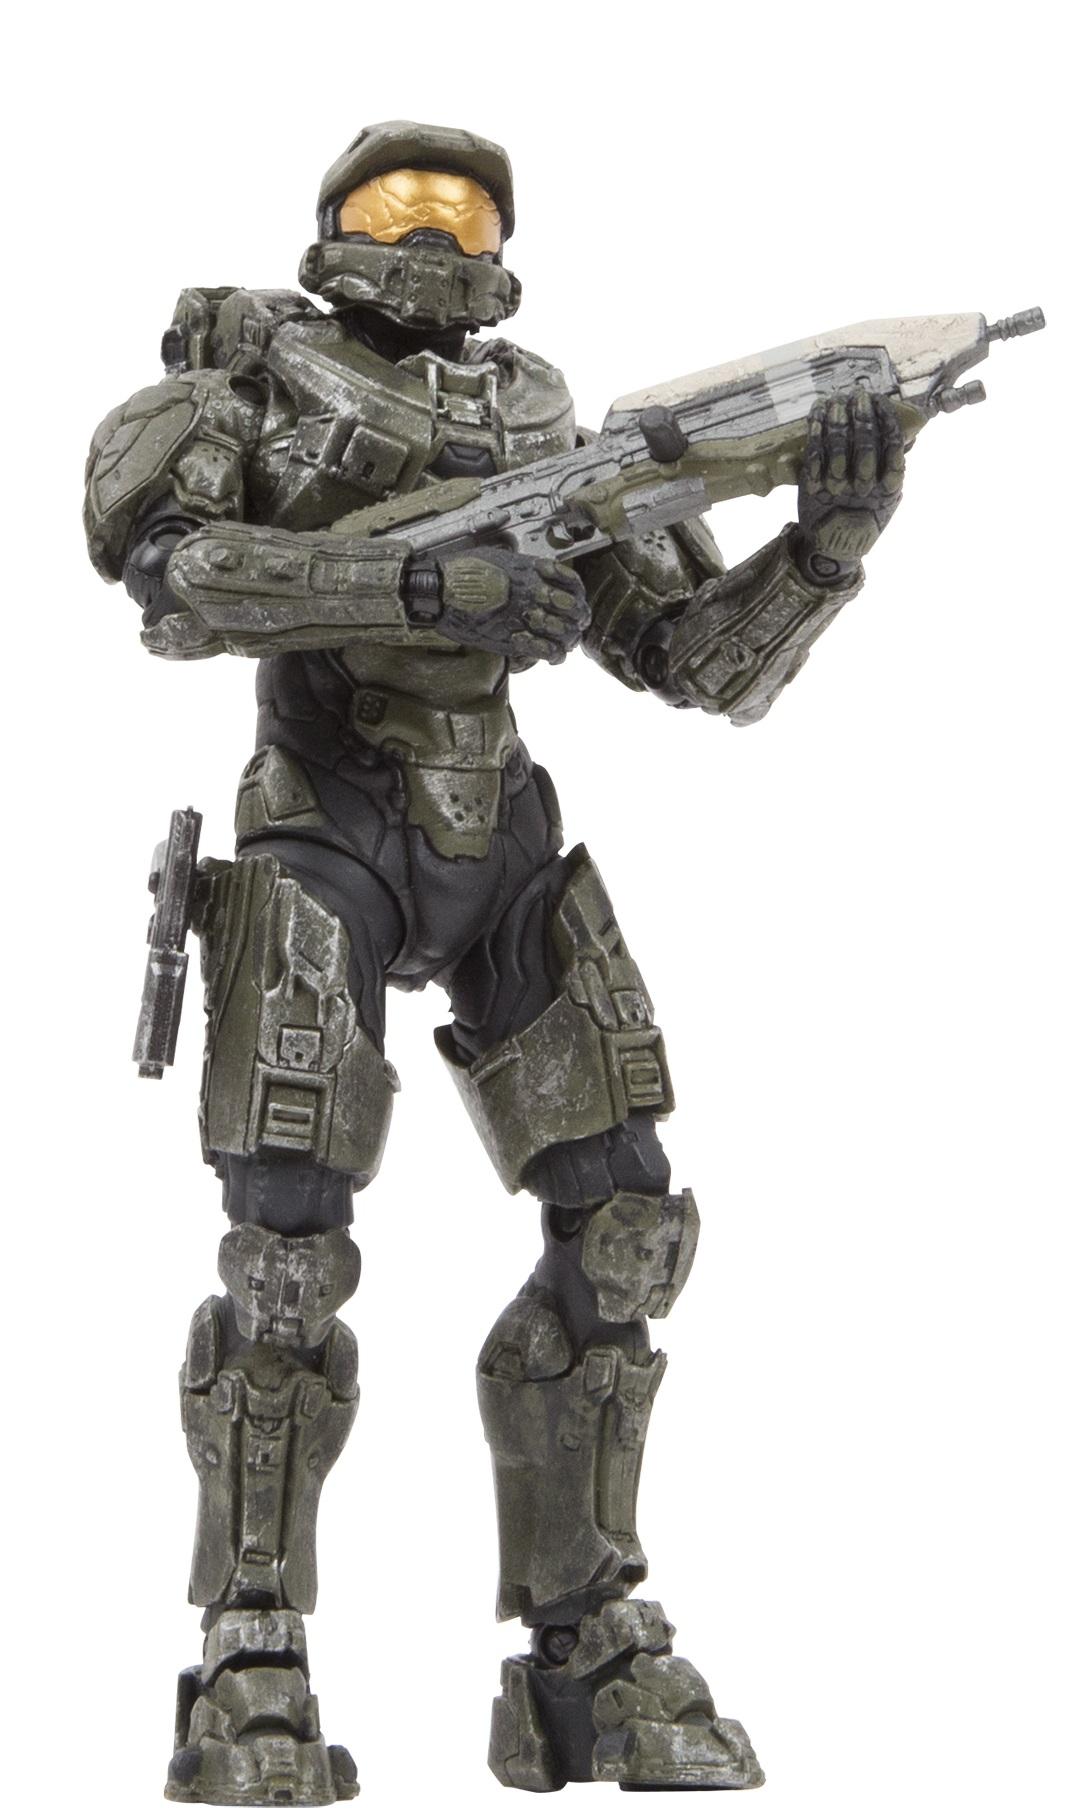 Фигурка Halo 5. Master Chief (15 см)Представляем вашему вниманию фигурку Halo 5. Master Chief, воплощающую собой одного из элитных спартанцев из Команды Осирис и Синей Команды, хорошо известных всем поклонникам игры Halo 5: Guardians.<br>